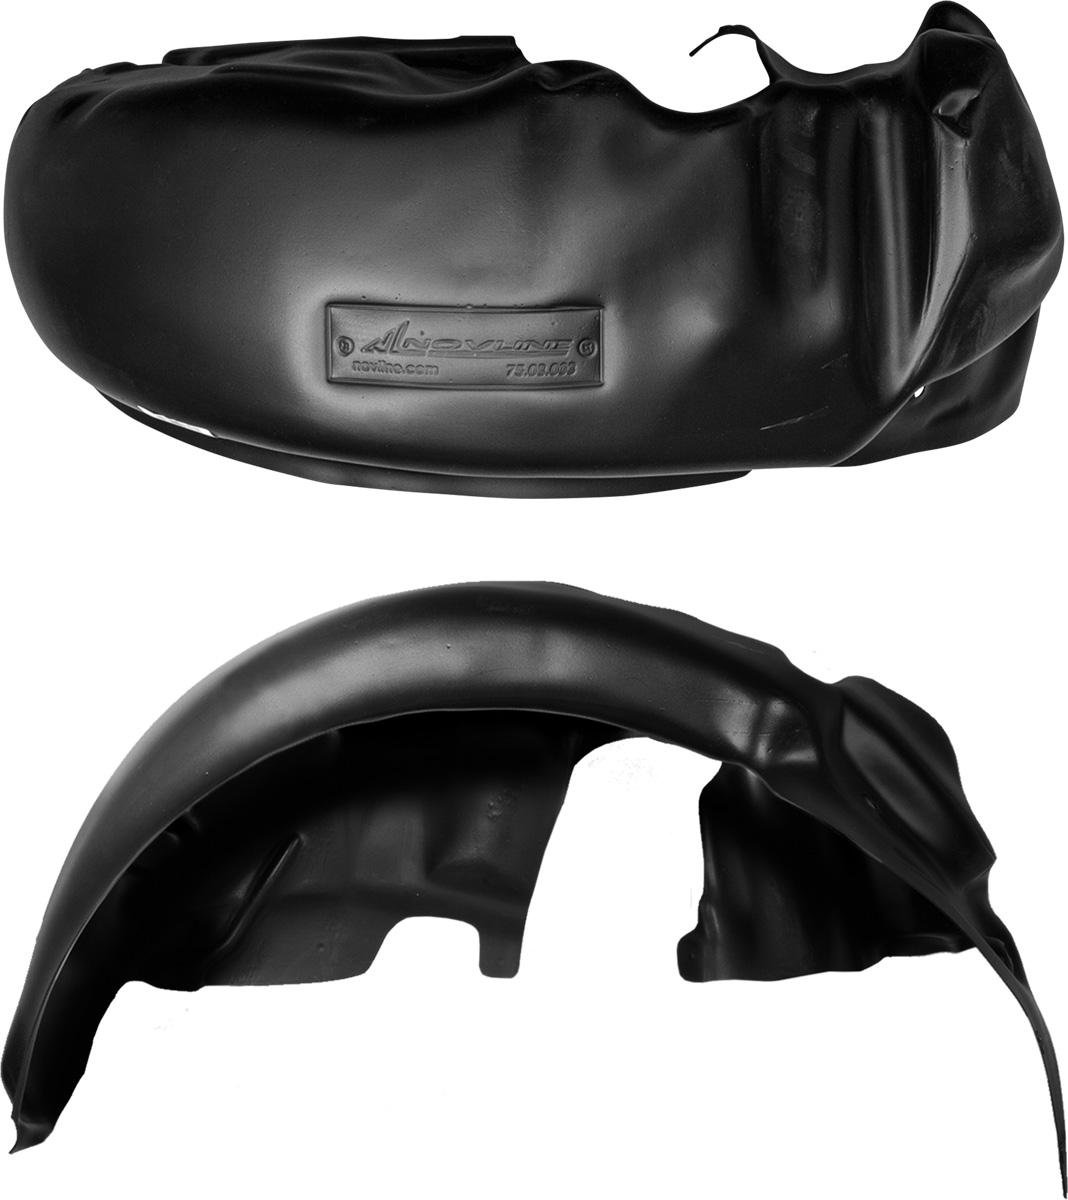 Подкрылок Novline-Autofamily, для Kiа Rio, 04/2015 ->, седан (передний левый)NLL.25.42.001Подкрылок выполнен из высококачественного, экологически чистого пластика. Обеспечивает надежную защиту кузова автомобиля от пескоструйного эффекта и негативного влияния, агрессивных антигололедных реагентов. Пластик обладает более низкой теплопроводностью, чем металл, поэтому в зимний период эксплуатации использование пластиковых подкрылков позволяет лучше защитить колесные ниши от налипания снега и образования наледи. Оригинальность конструкции подчеркивает элегантность автомобиля, бережно защищает нанесенное на днище кузова антикоррозийное покрытие и позволяет осуществить крепление подкрылка внутри колесной арки практически без дополнительного крепежа и сверления, не нарушая при этом лакокрасочного покрытия, что предотвращает возникновение новых очагов коррозии. Технология крепления подкрылка на иномарки принципиально отличается от крепления на российские автомобили и разрабатывается индивидуально для каждой модели автомобиля. Подкрылок долговечен, обладает высокой прочностью и сохраняет заданную форму, а также все свои физико-механические характеристики в самых тяжелых климатических условиях ( от -50° С до + 50° С).